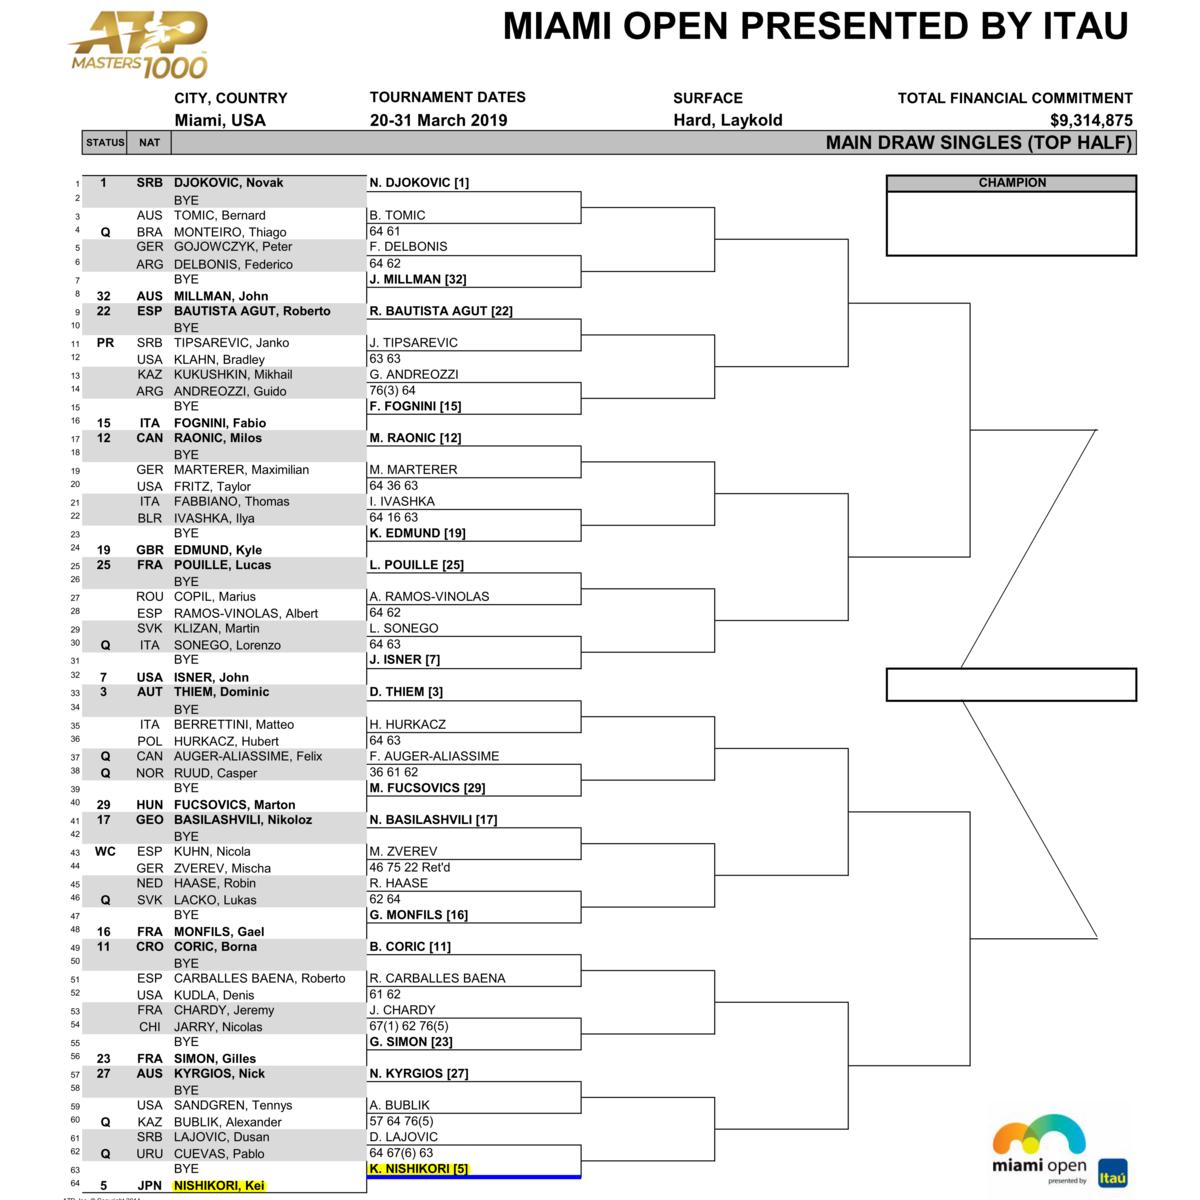 マイアミ・オープン男子シングルスドロー・トップハーフ